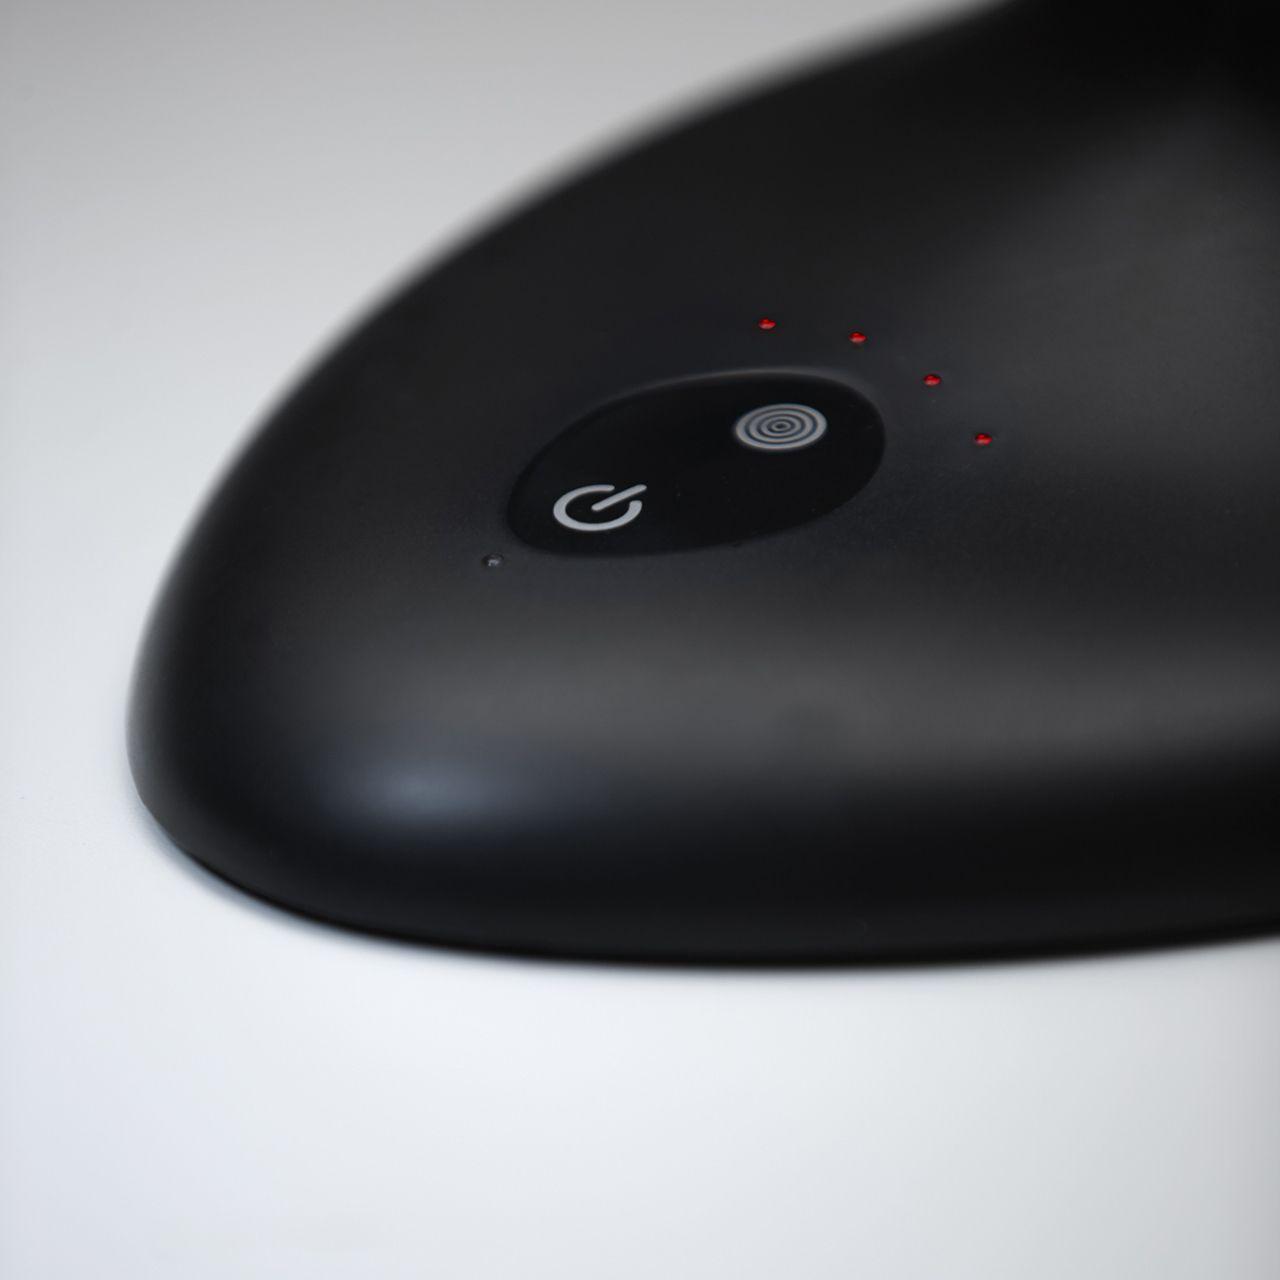 ergodesk flexlite met tafelvoet zwart led verlichting ERKAVLFL02 0004s Detail